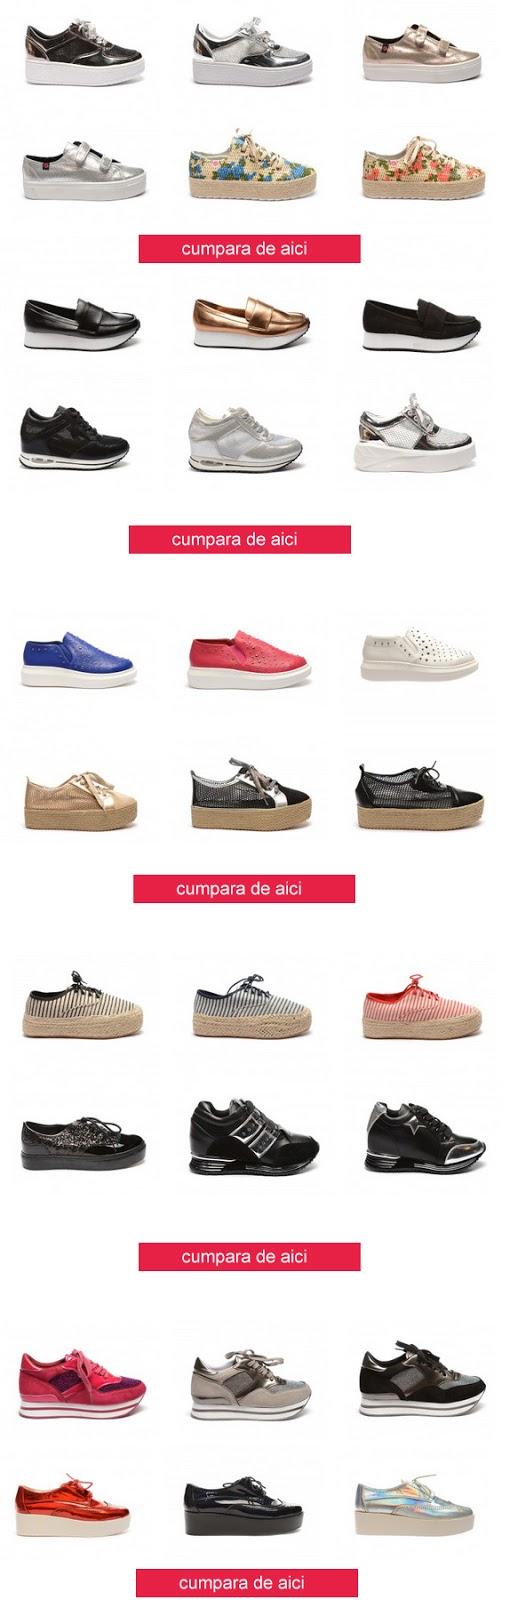 Pantofi sport dama cu talpa groasa iefttini